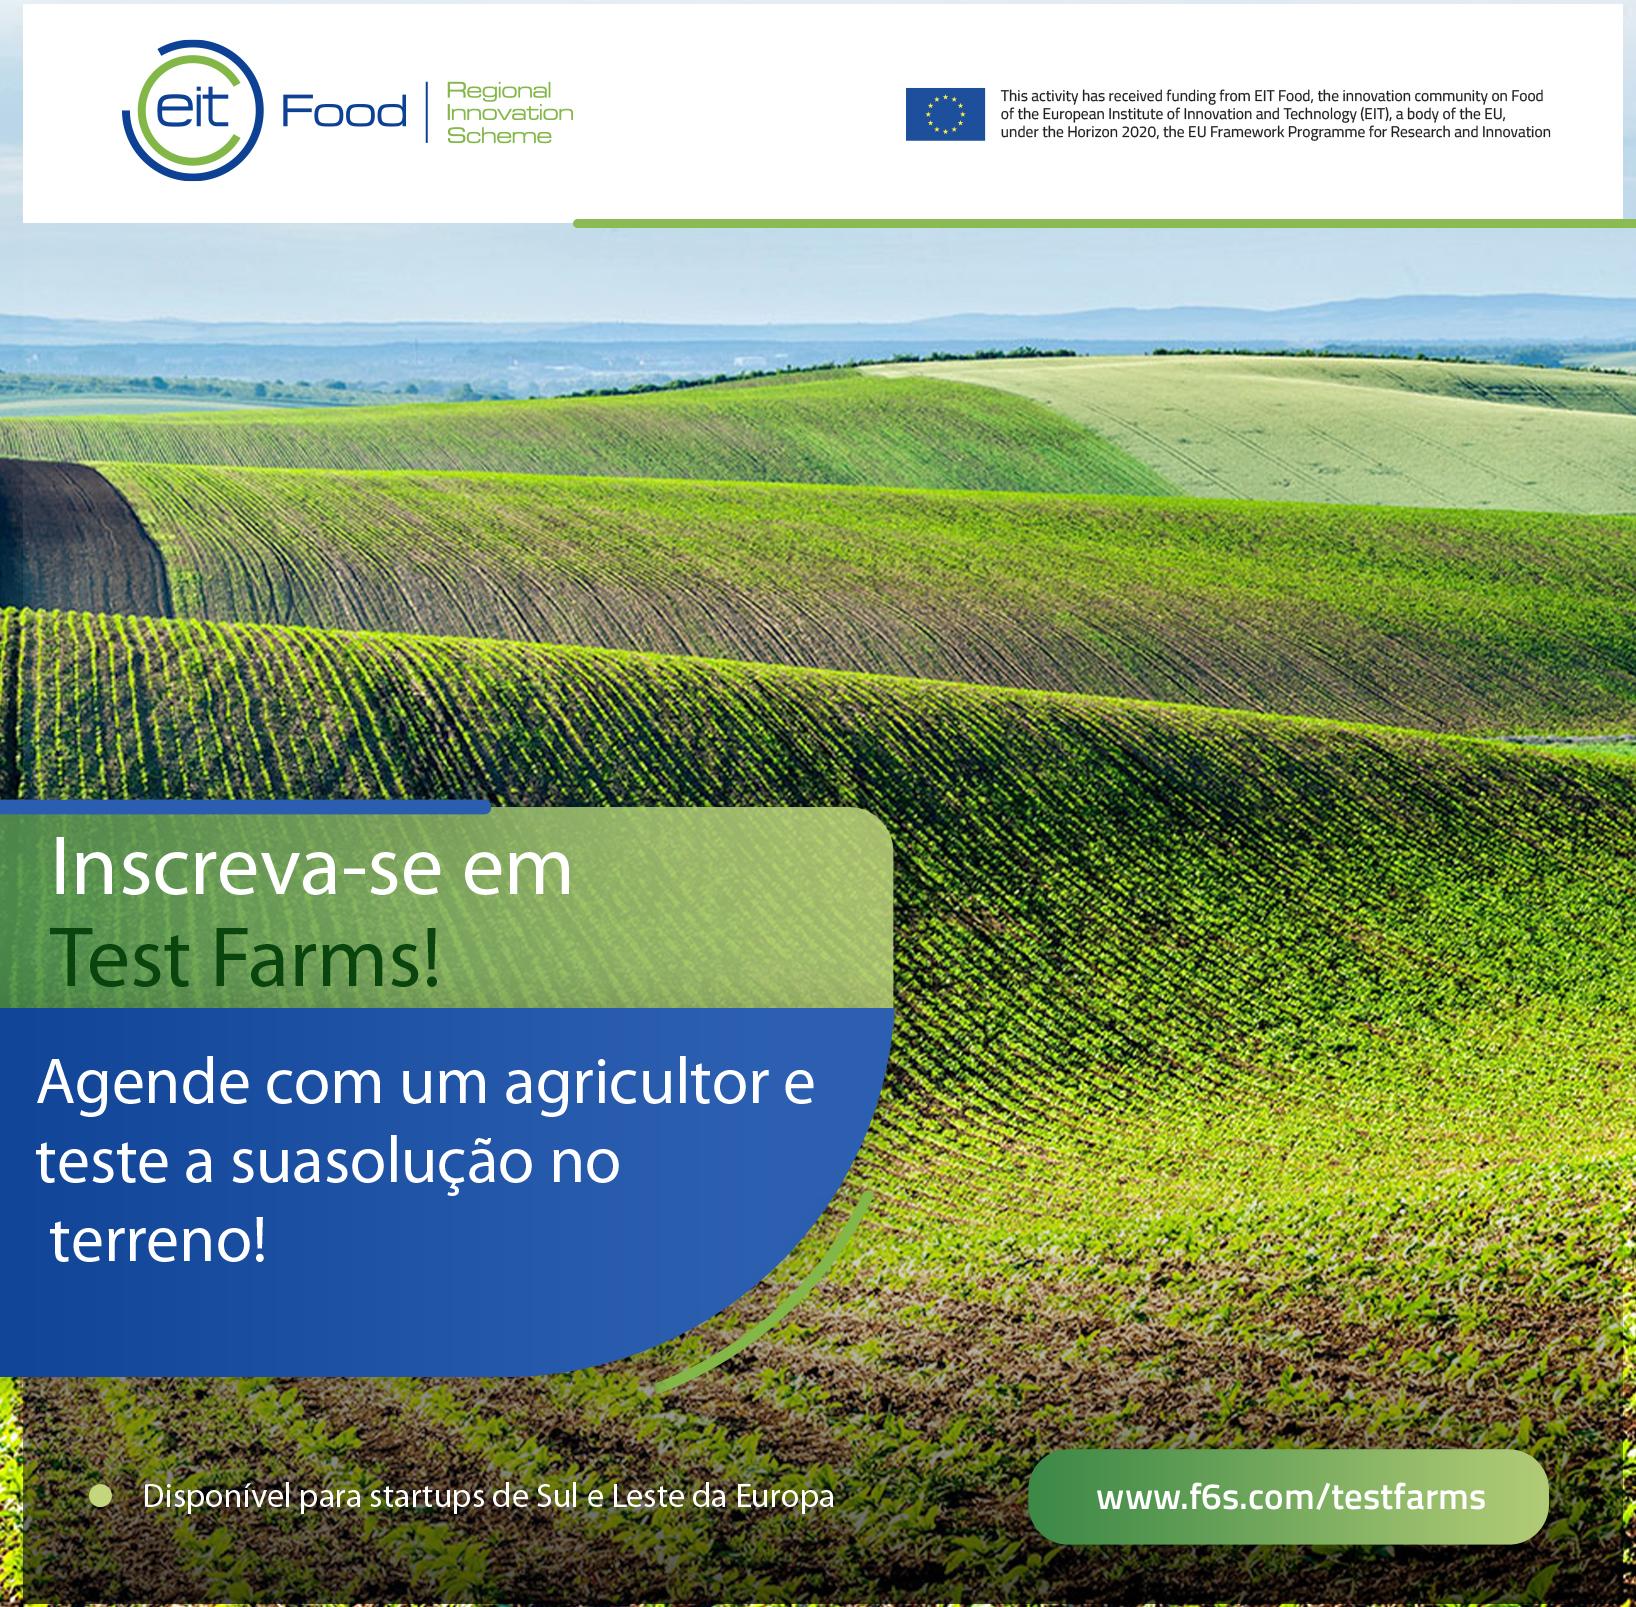 Test Farms: oportunidade para experimentar produtos ou serviços inovadores com agricultores